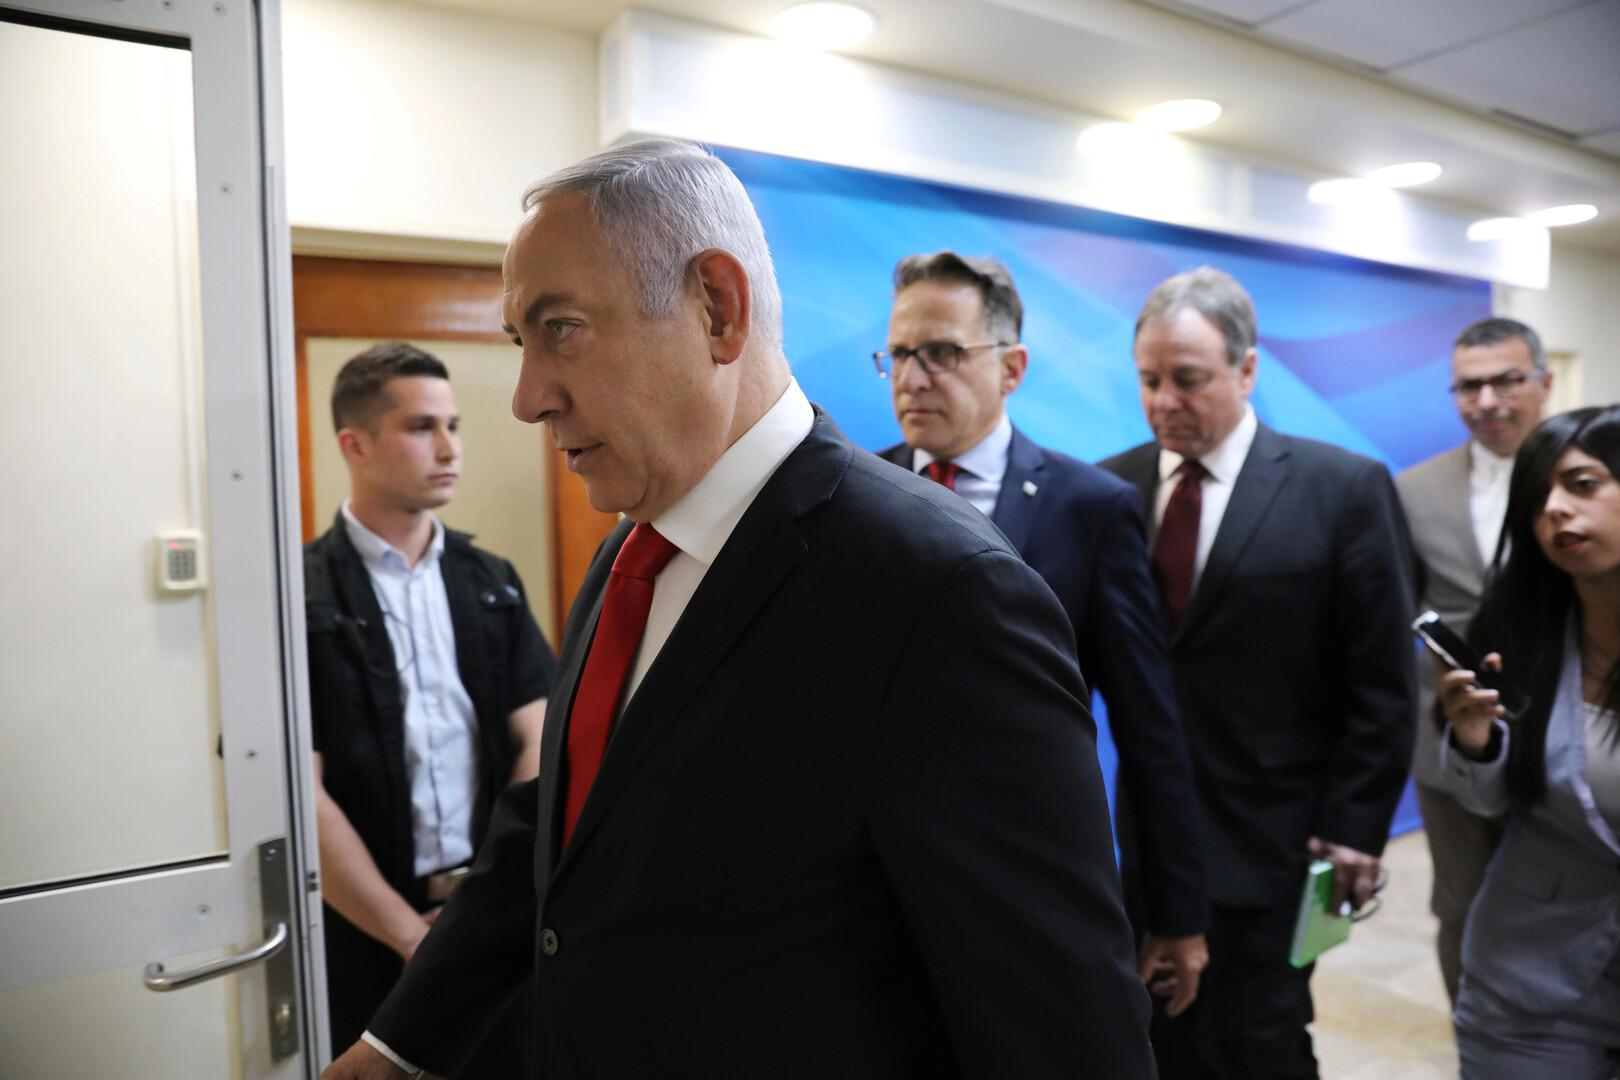 وسائل إعلام إسرائيلية: نتنياهو يقطع اجتماعه مع رئيس هندوراس بسبب التصعيد عند حدود لبنان